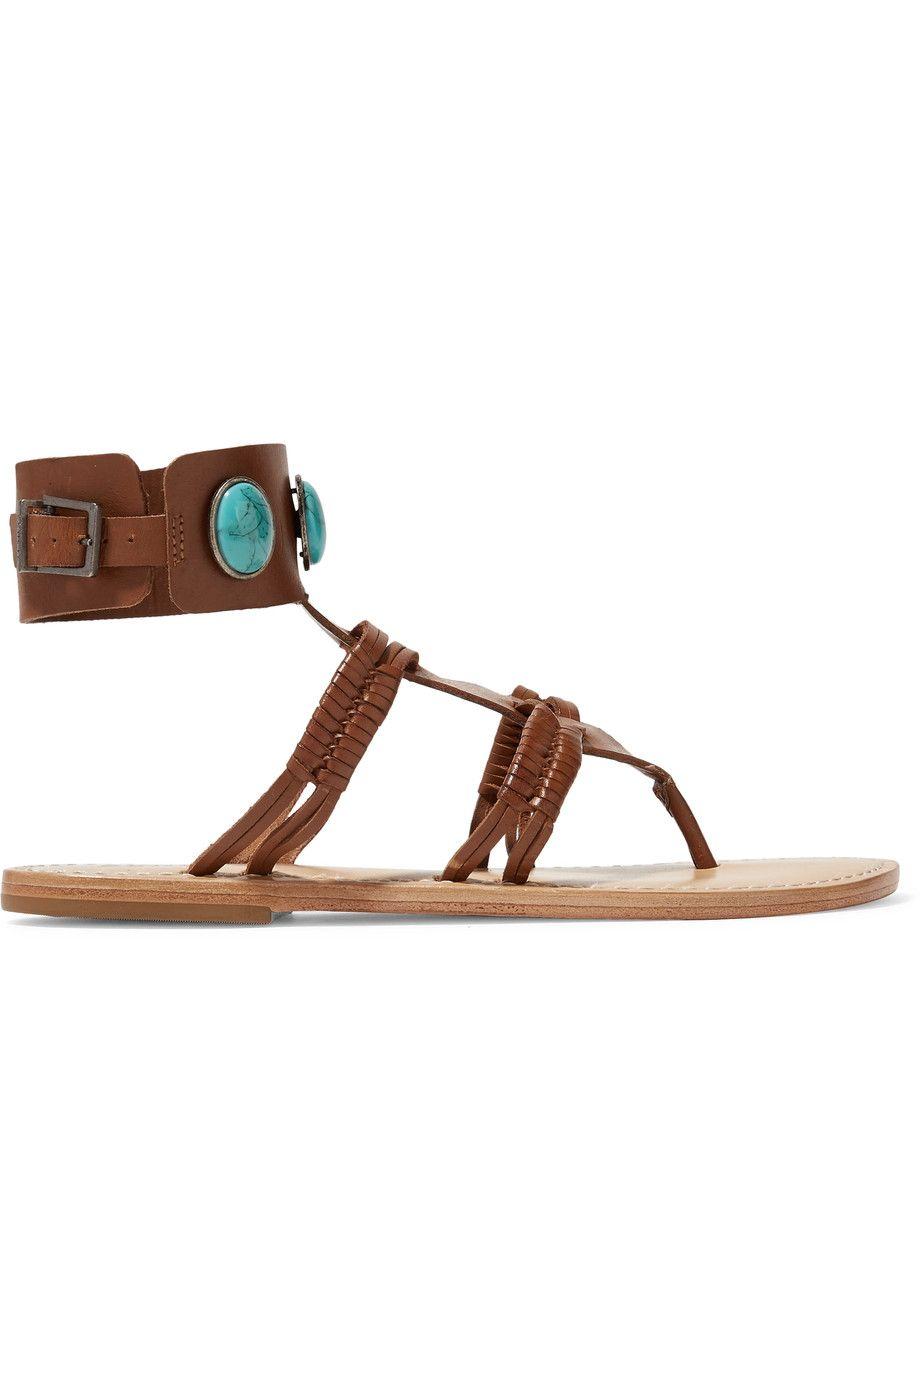 6a19ba56453 SCHUTZ Amarine Embellished Braided Leather Sandals.  schutz  shoes  sandals